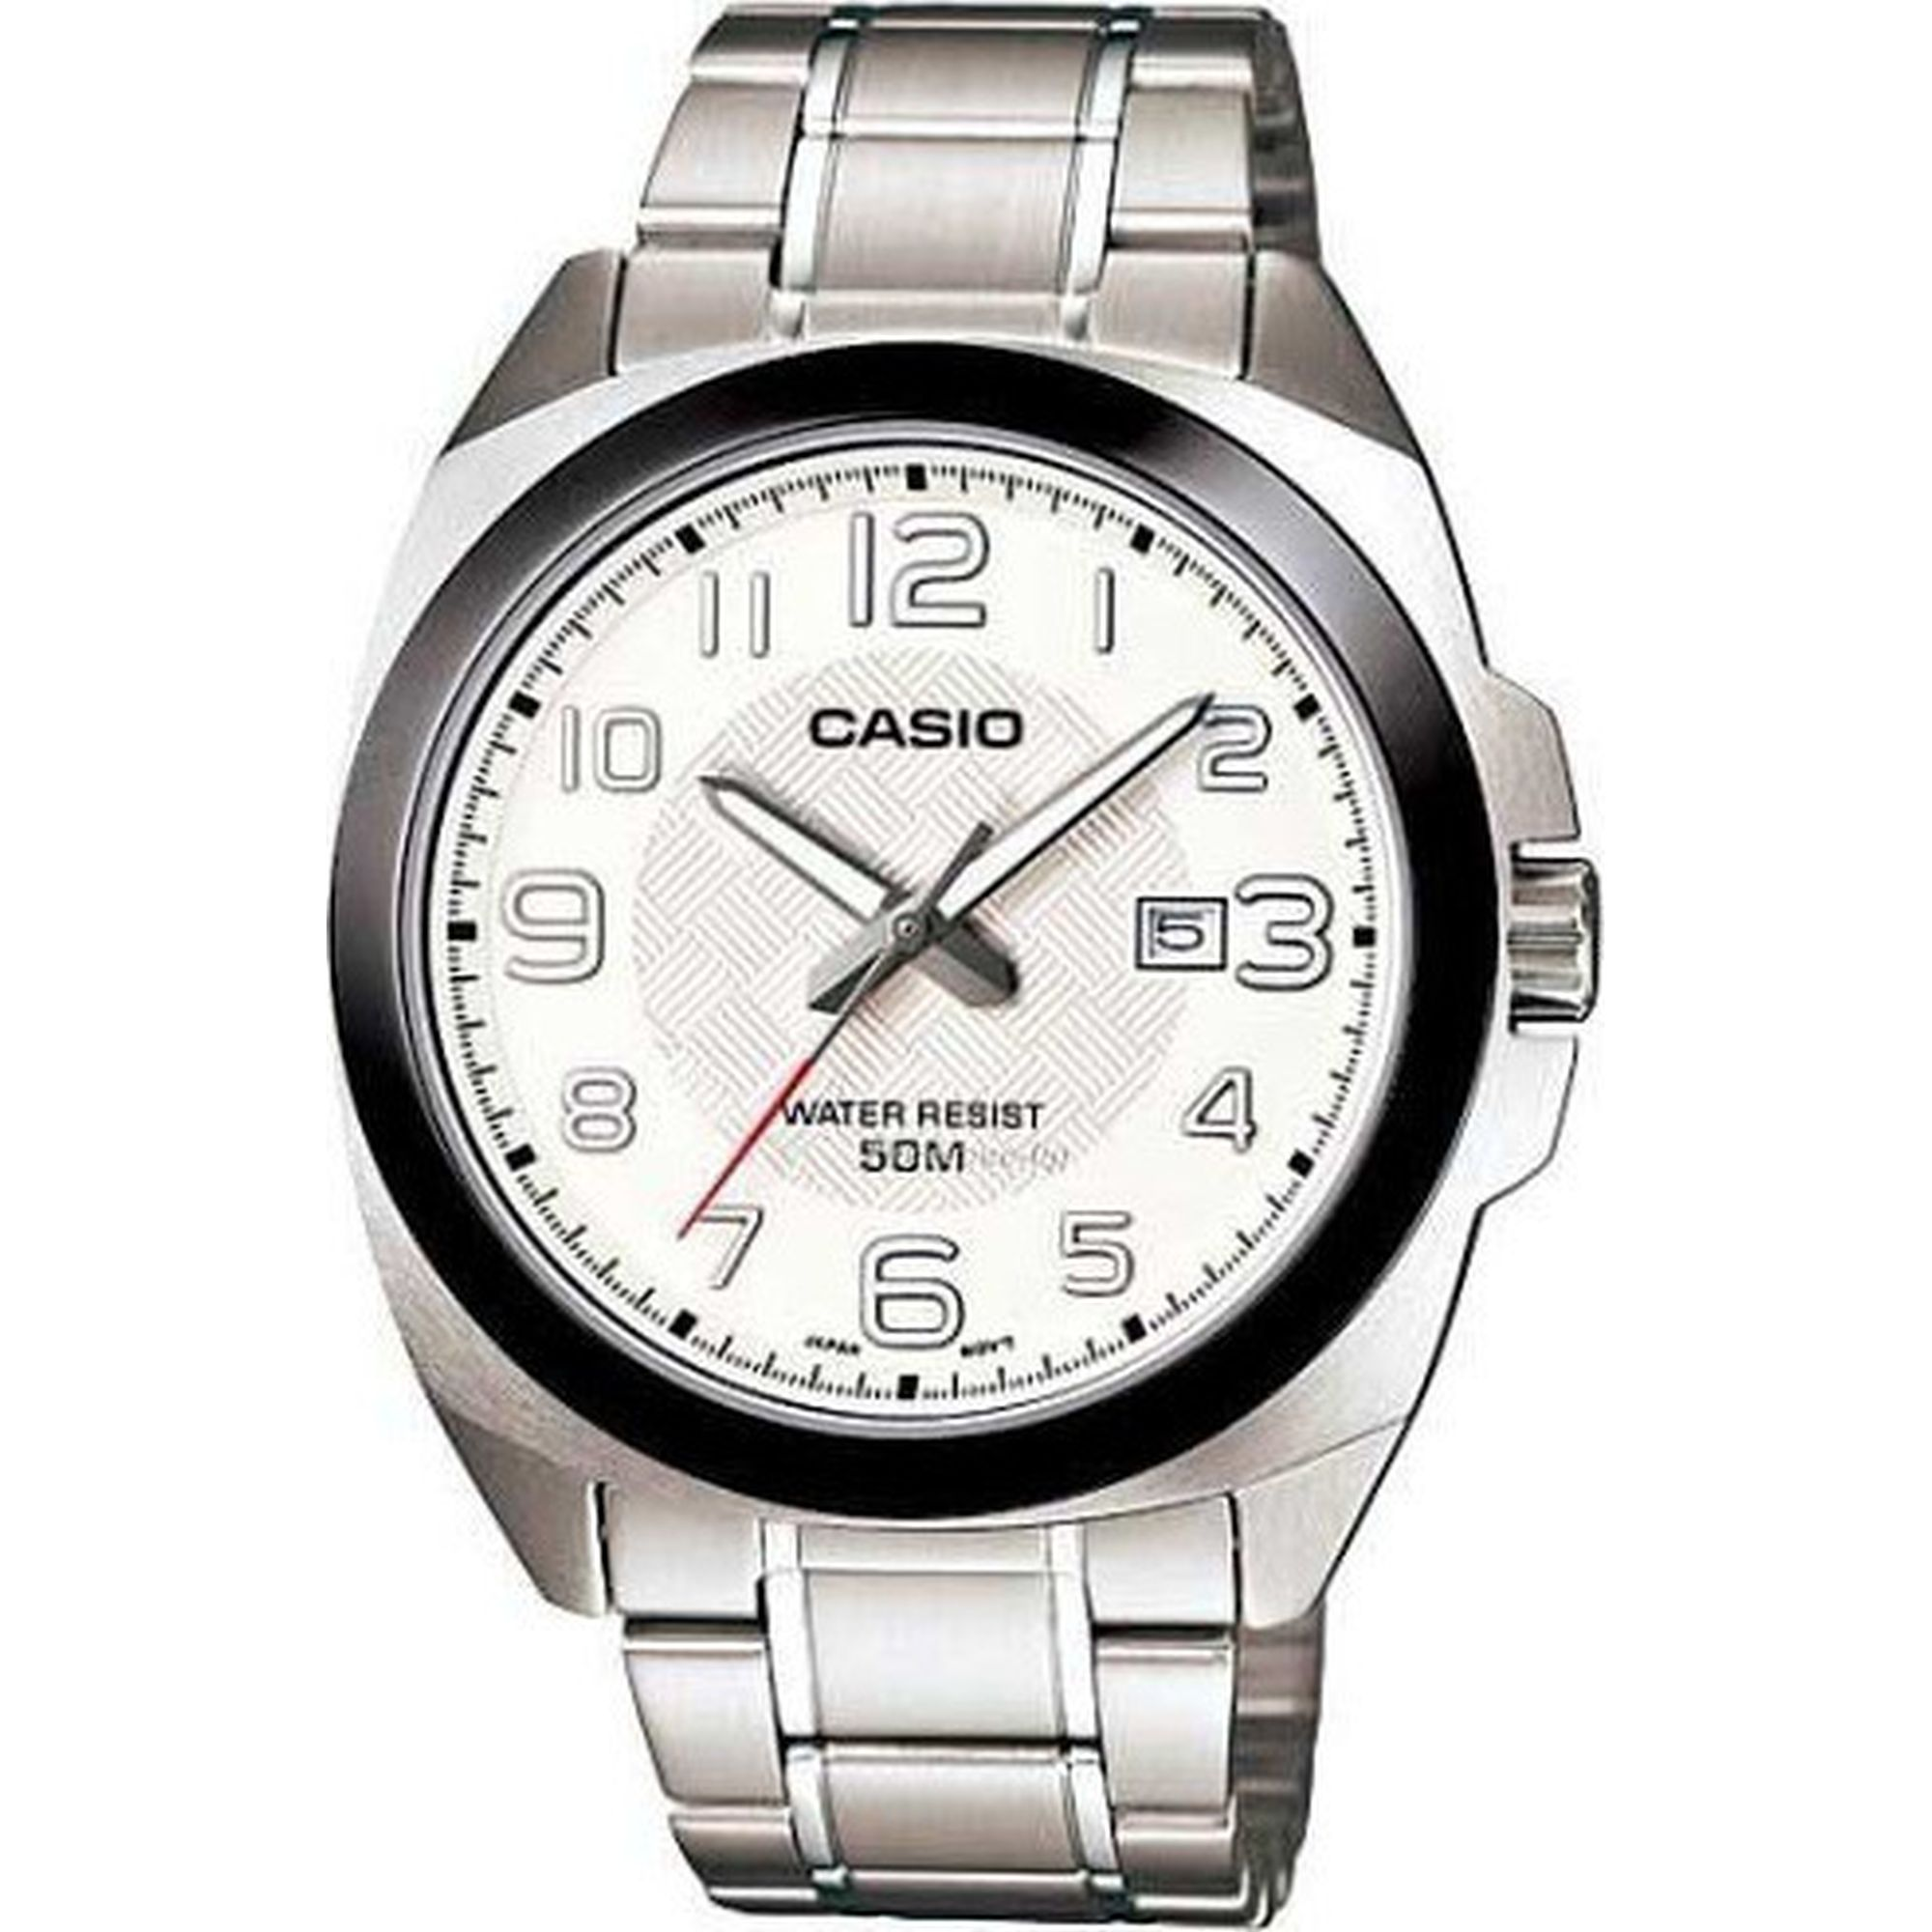 Casio με Λευκό Καντράν και Μπρασελέ MTP-1340D-7AV